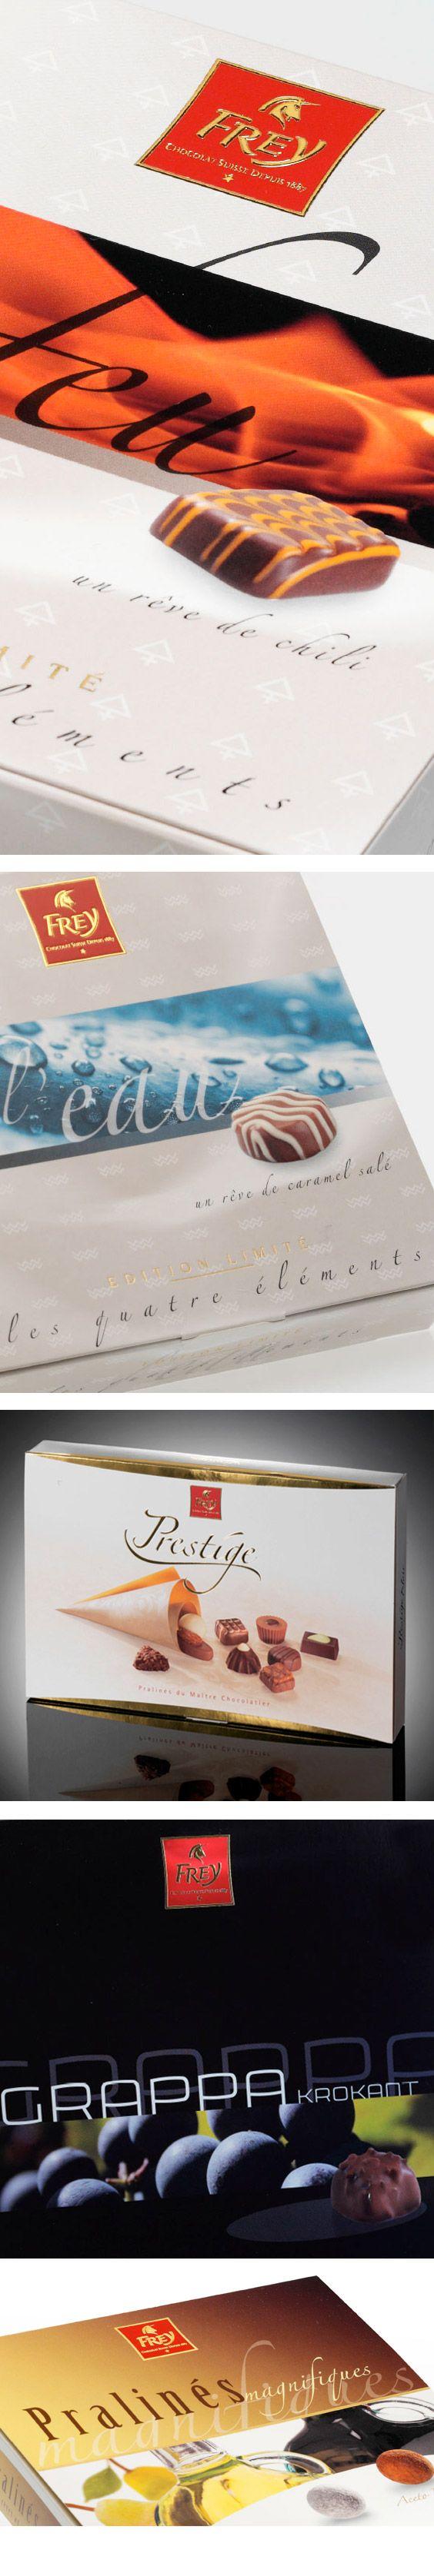 chocolat frey – Leidenschaft und Genuss! Chocolat Frey ist einer der grössten Hersteller von Schokolade und Pralinés in der Schweiz. In hochmodernen Produktionsstätten werden eine Vielzahl von Standard- und Spezialprodukten hergestellt. Für diese Spezialprodukte haben wir eine lose Serie von Verpackungen gestaltet, die mit Veredelungen wie Lack und Prägung, aber auch mit partiellen Glanzfolien ergänzt wurden. / Packaging design by Schaffner & Conzelmann AG, Basel, Switzerland